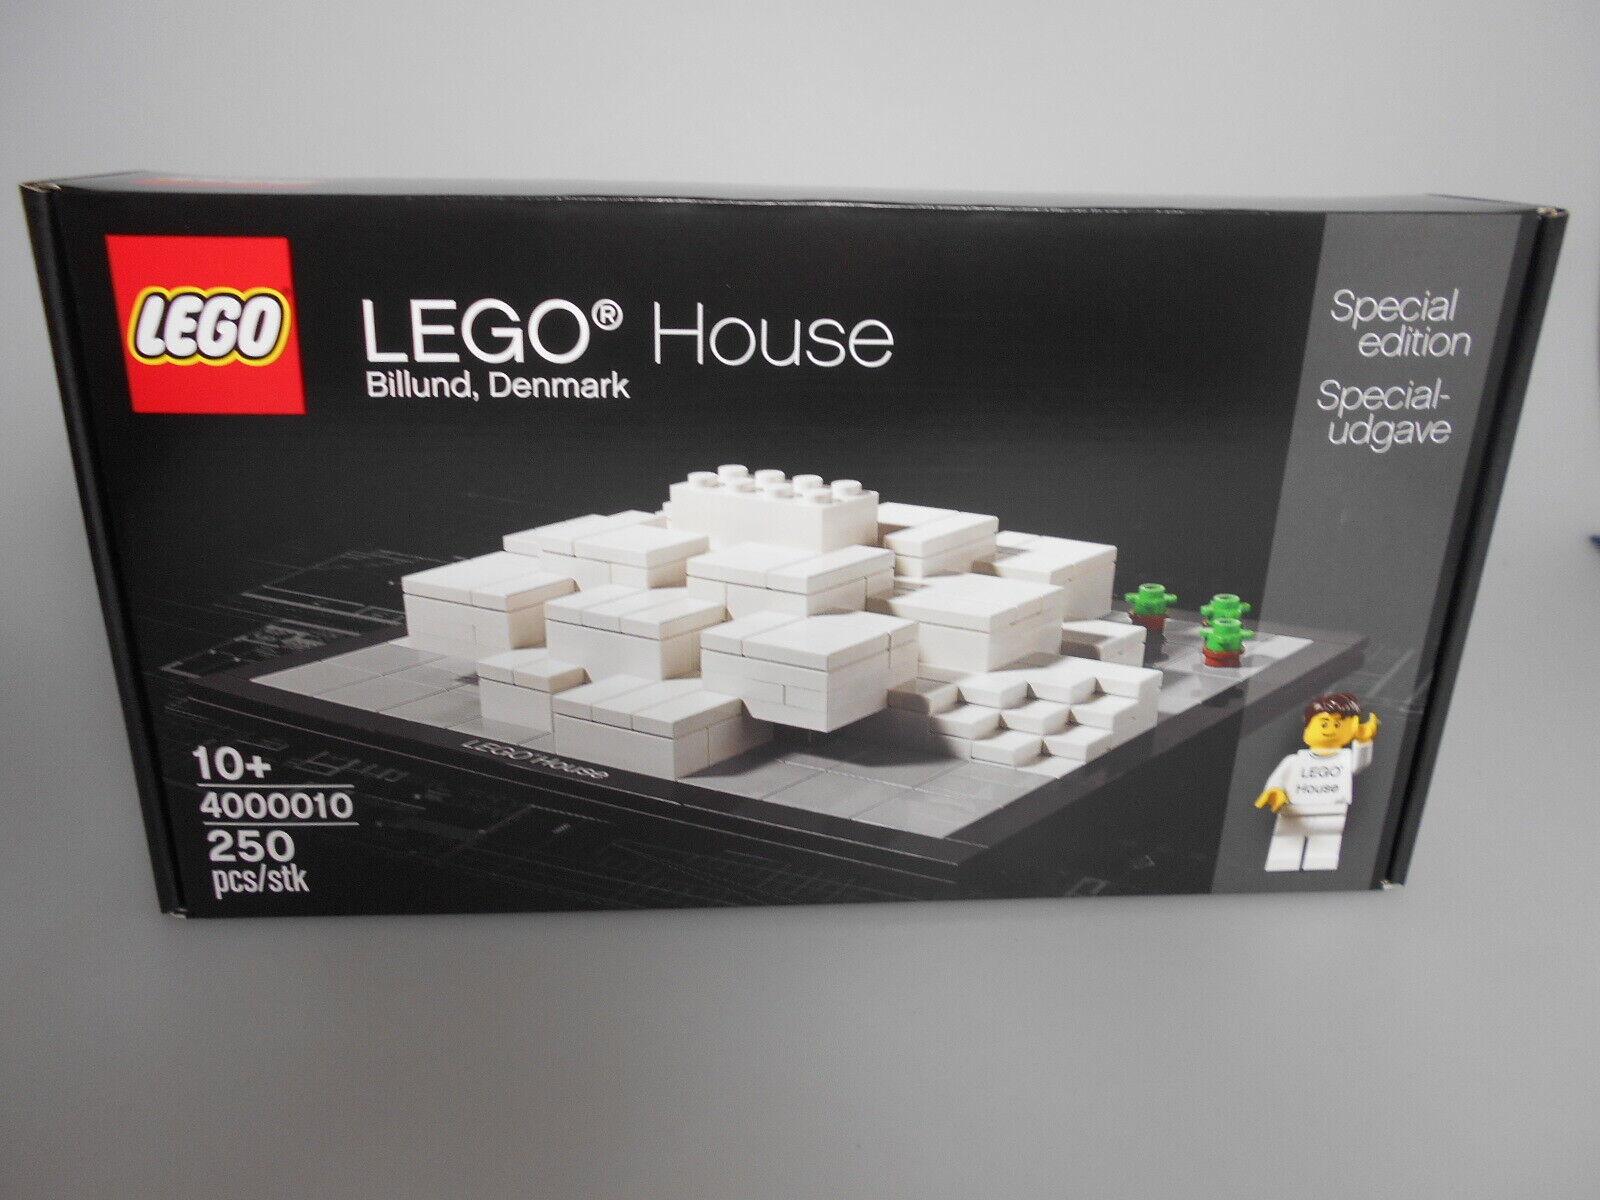 la migliore offerta del negozio online LEGO ® ® ® House Billund Set 40000010 NUOVO E SIGILLATO specialeee edizione  grandi risparmi